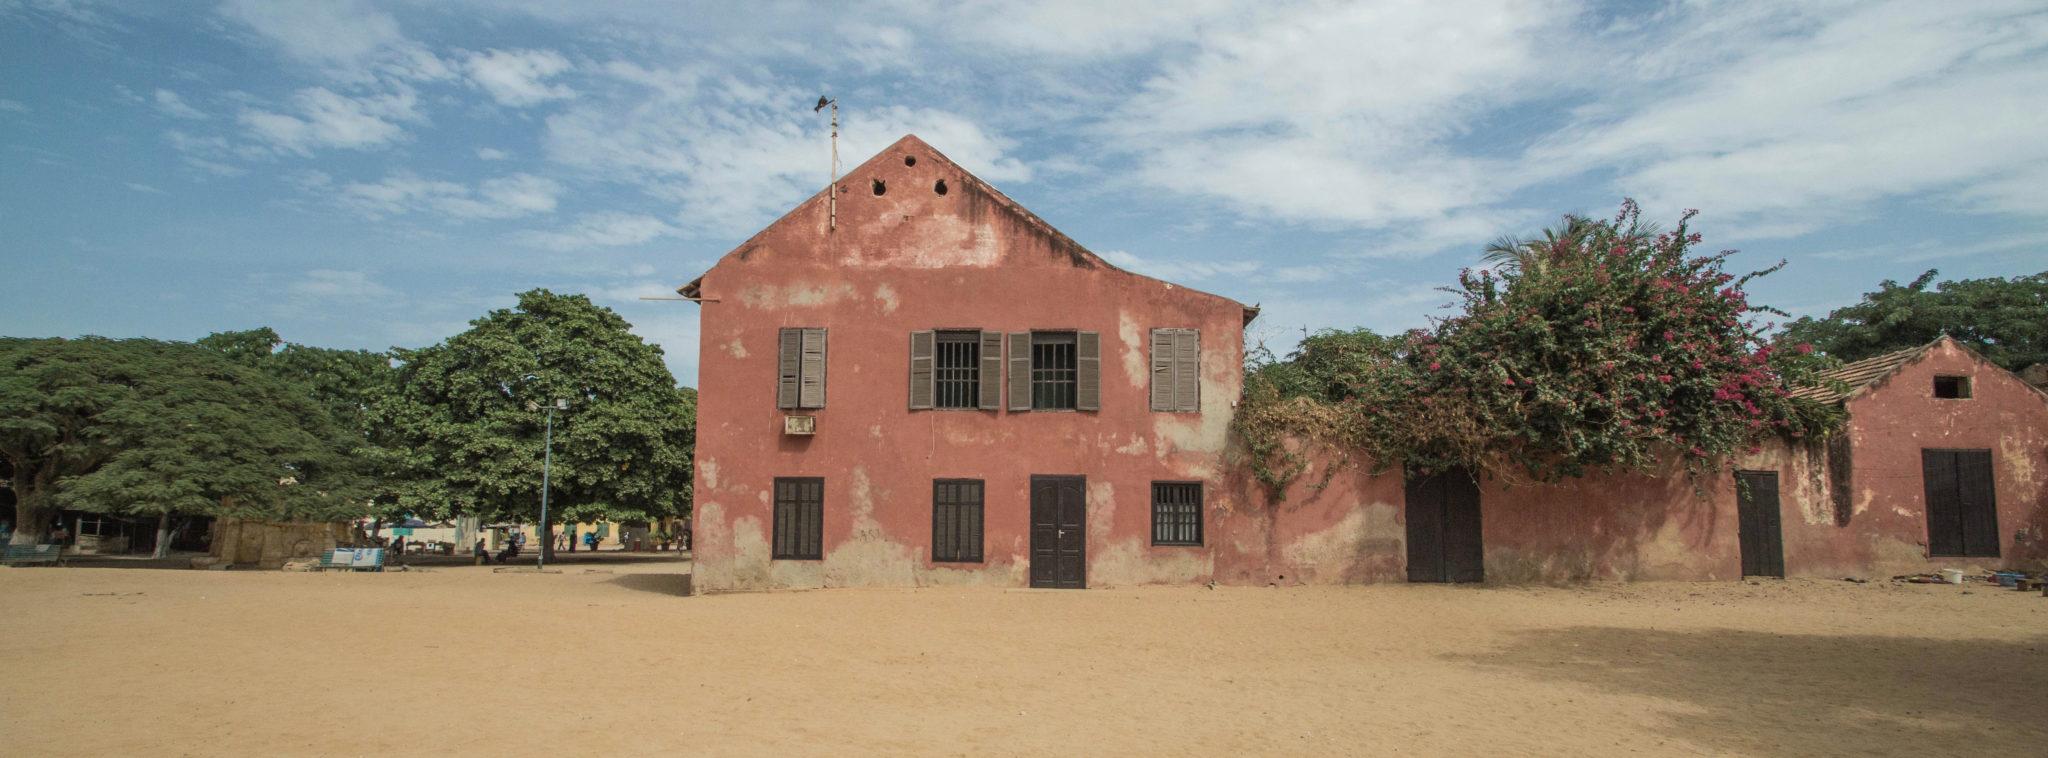 Tagesausflug-von-Dakar-Architektur-Ile-de-Goree-Senegal-Slider